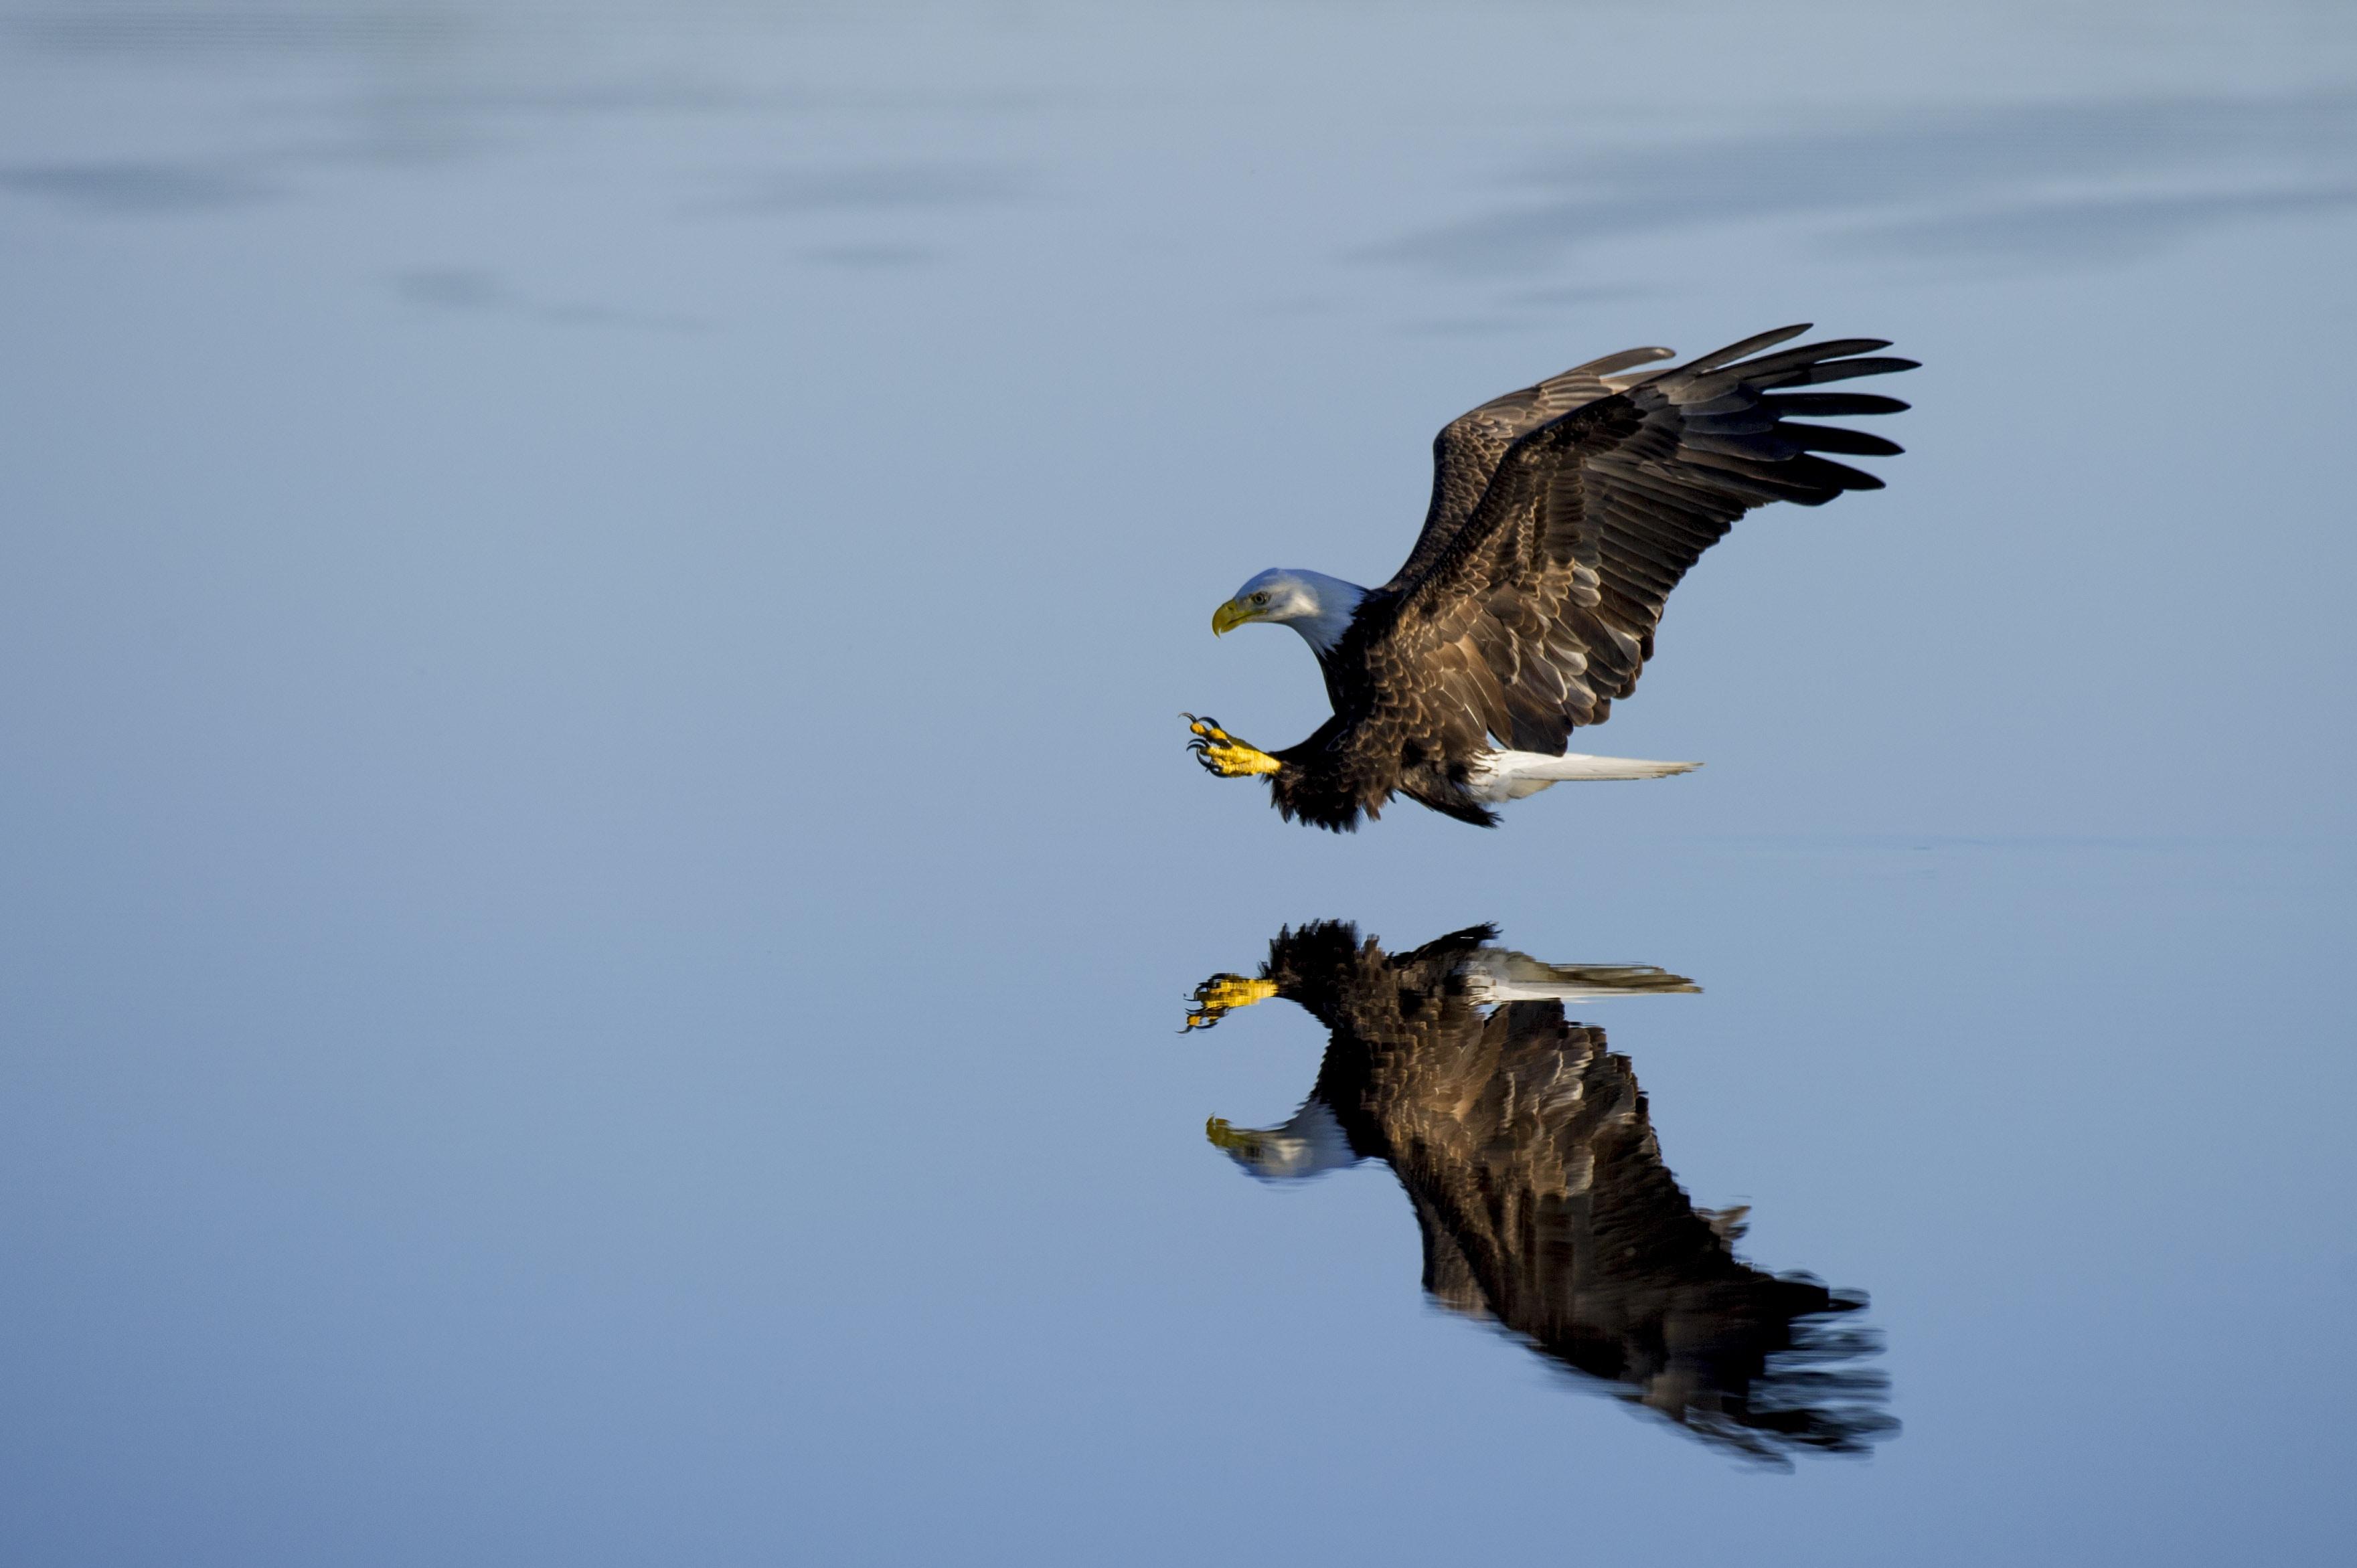 photo 1474511019749 26a5a4b632b2?ixlib=rb 0.3 - Wild Eagle